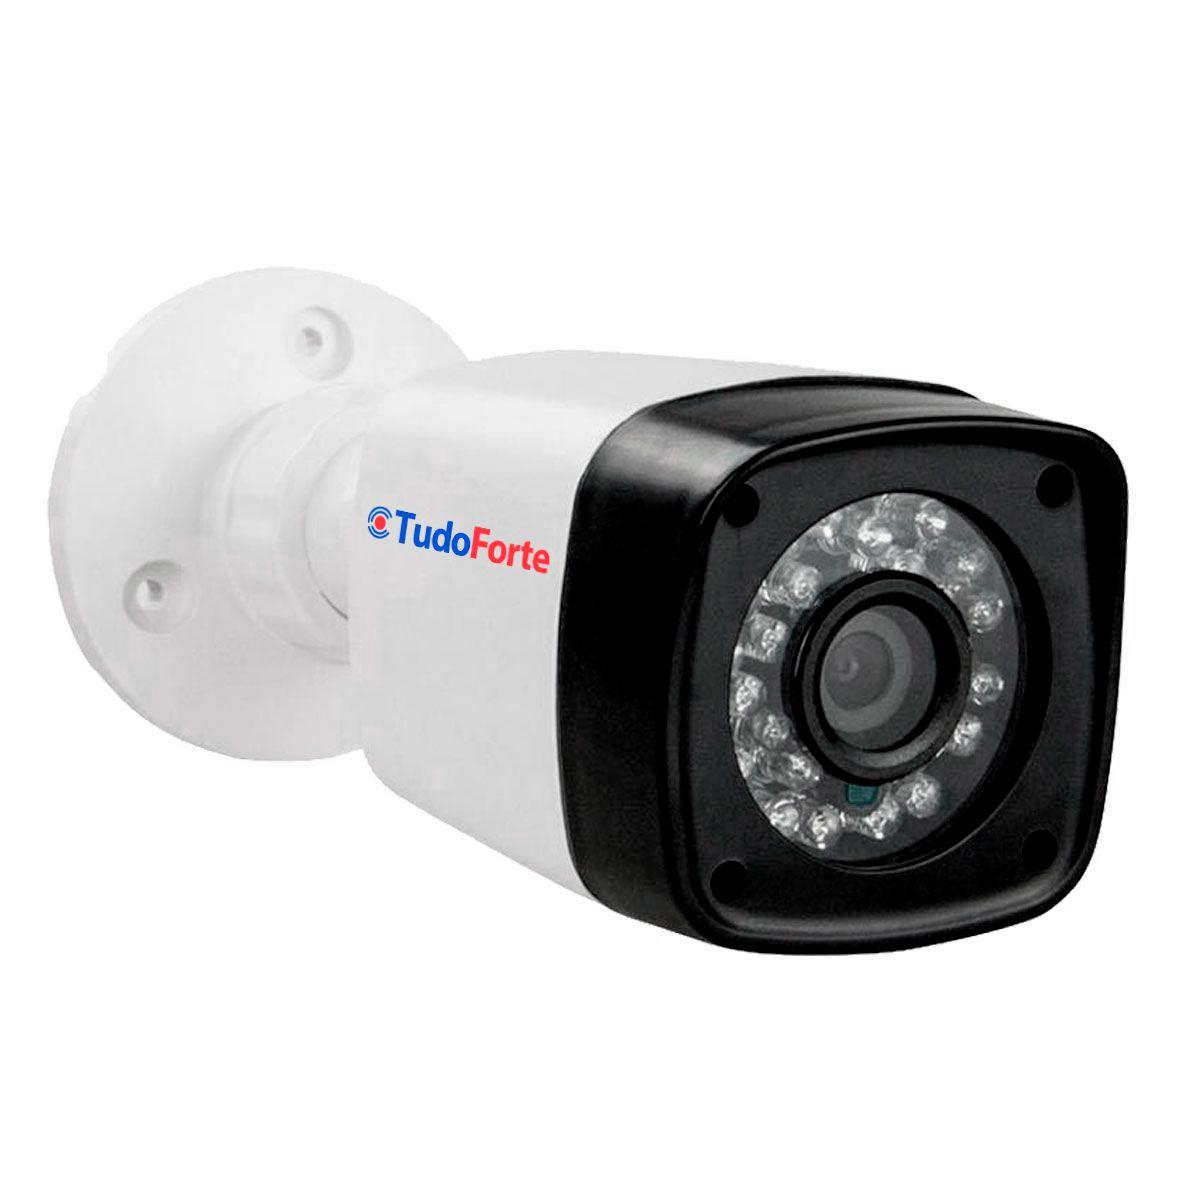 Kit 3 Câmeras + DVR Intelbras + App Grátis de Monitoramento, Câmeras HD 720p 20m Infravermelho de Visão Noturna + Fonte, Cabos e Acessórios  - Tudo Forte